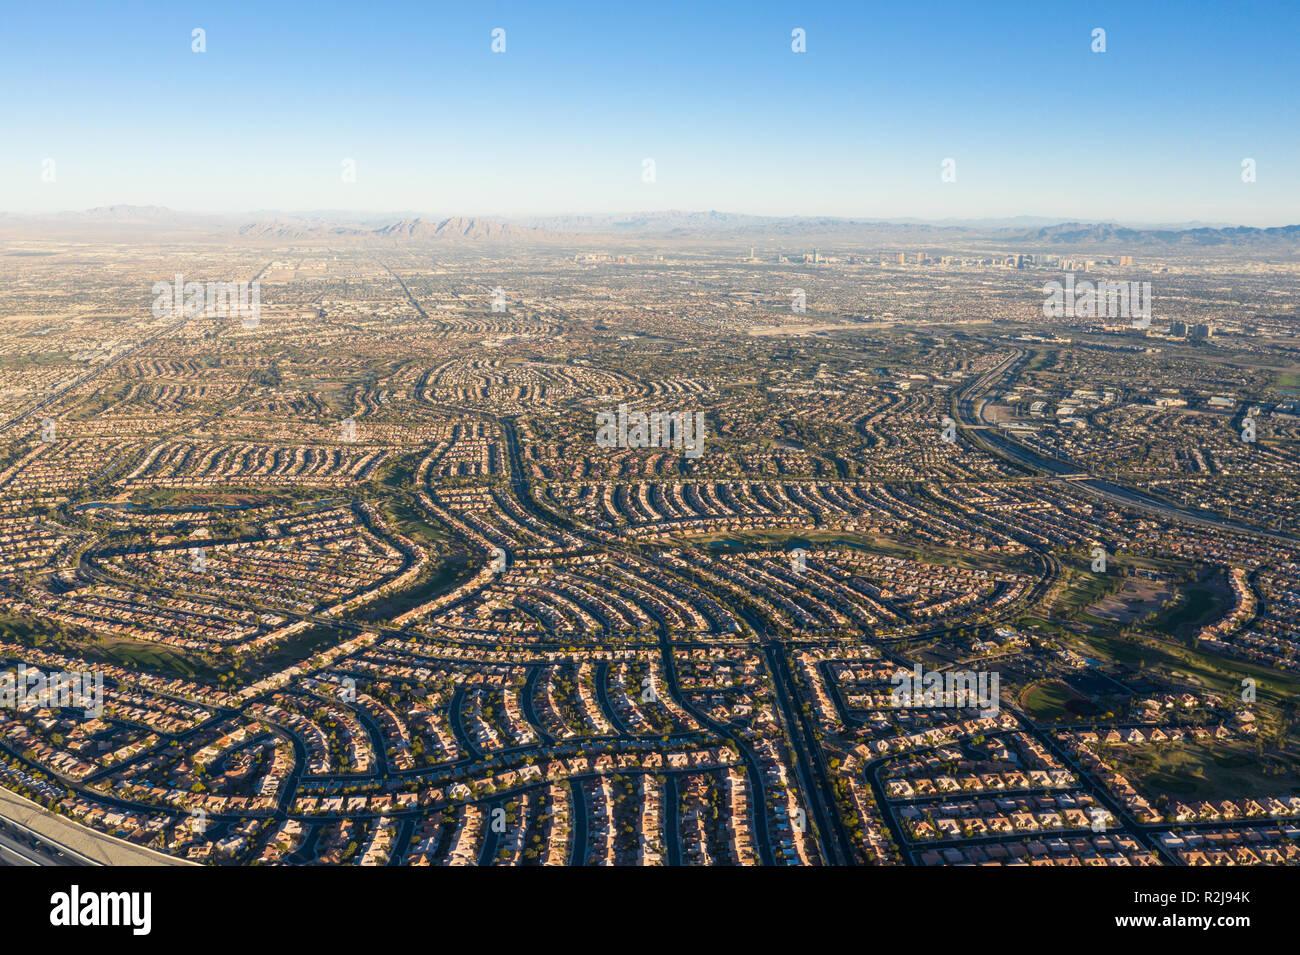 Eine Luftaufnahme zeigt dichten Wohnsiedlungen in Summerlin, nur außerhalb der Stadt von Las Vegas, Nevada. Dieser Bereich ist schnell entwickelt. Stockfoto